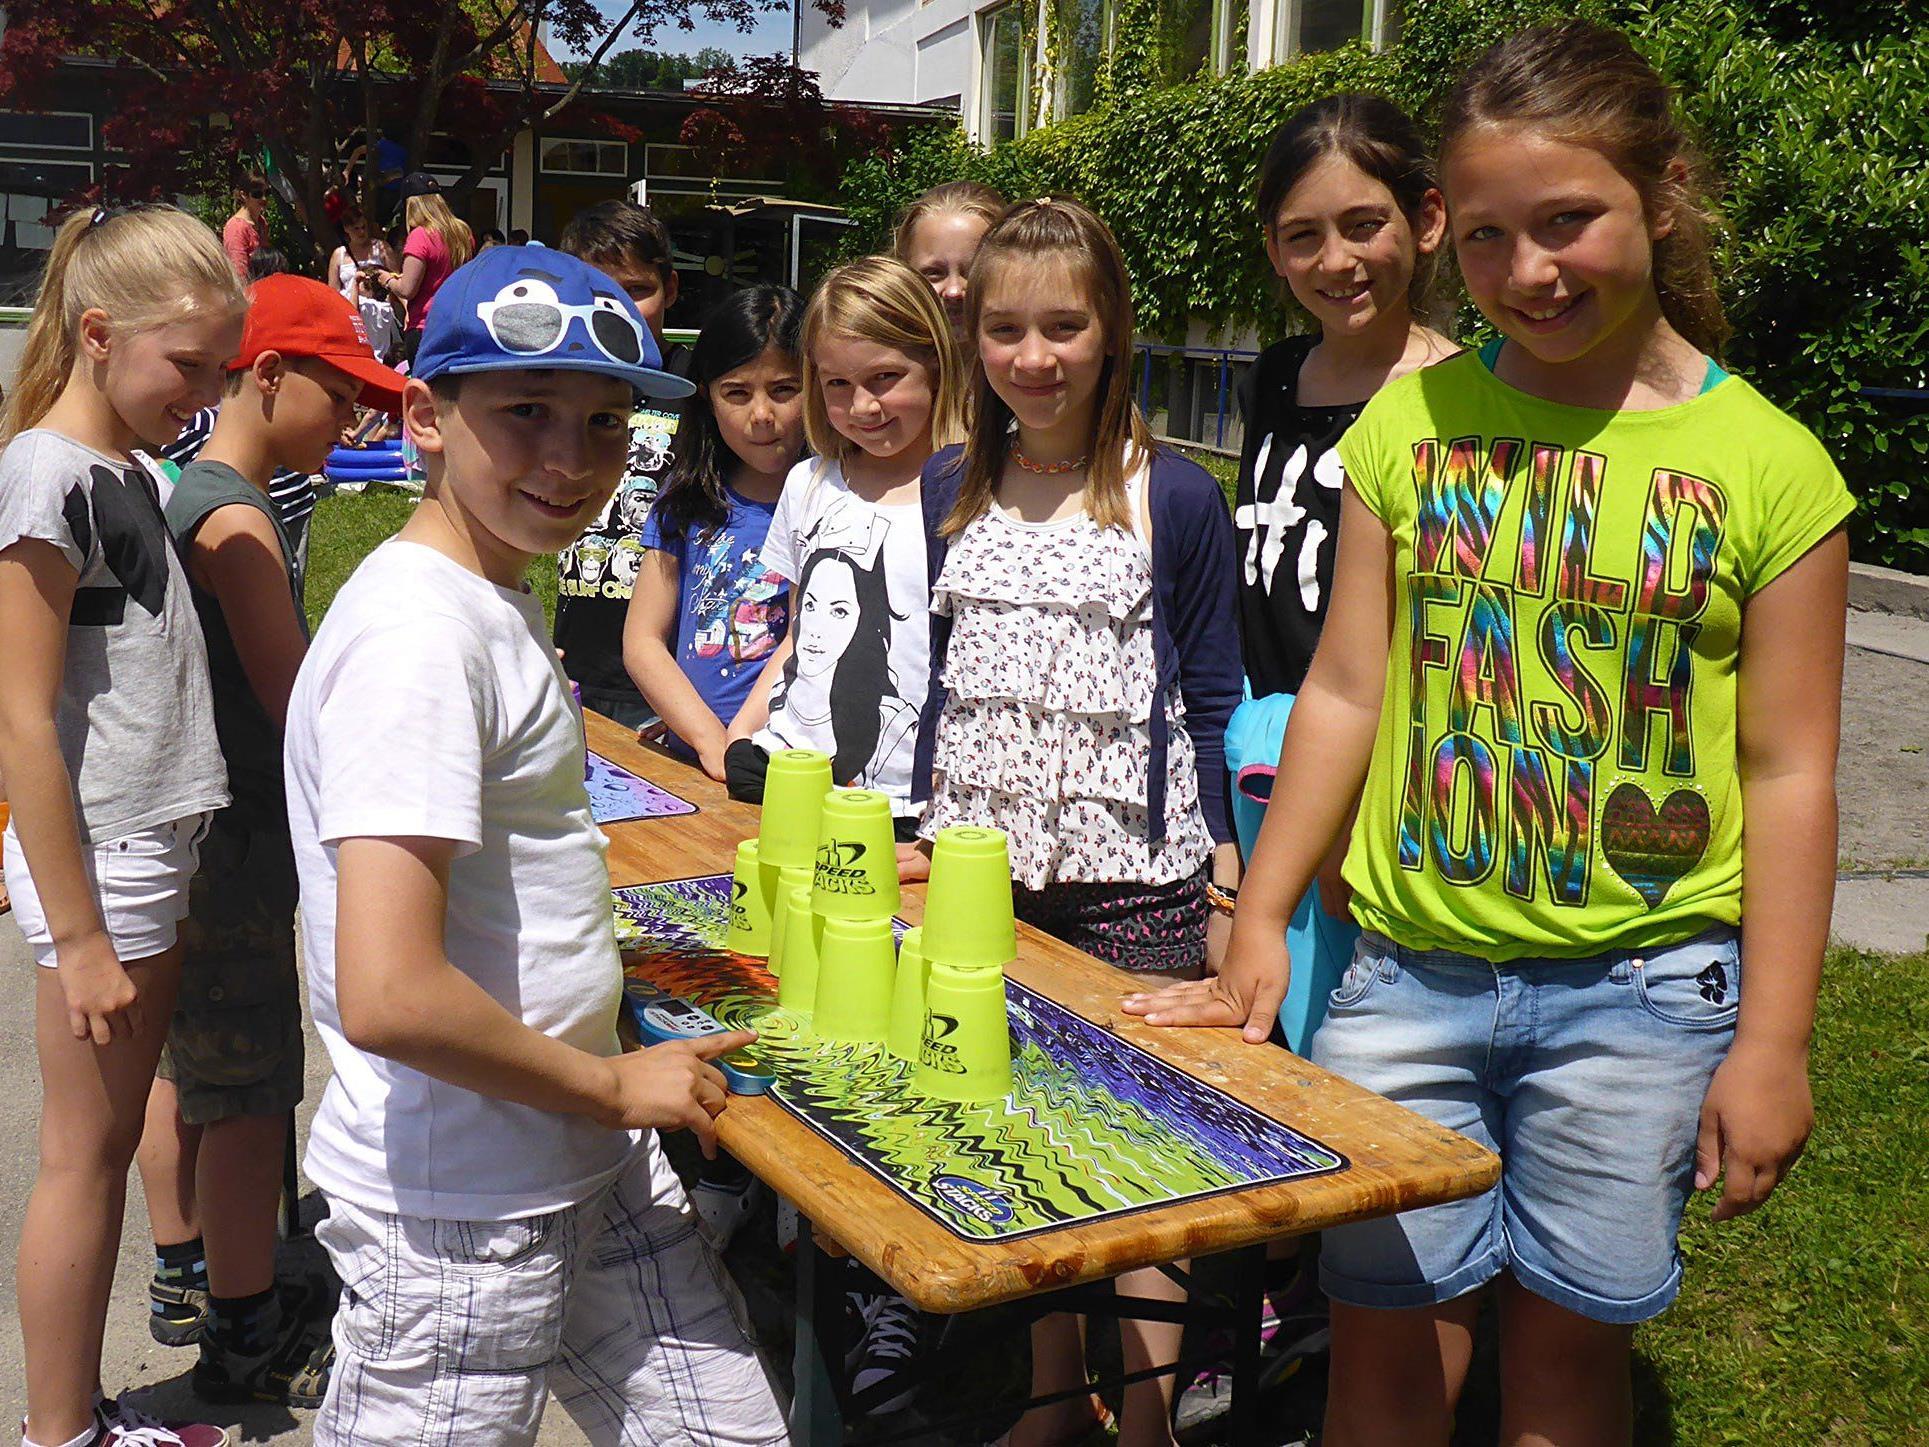 Die VS Haselstauden feierte ein buntes Fest mit viel Bewegung und einem sozialem Projekt.